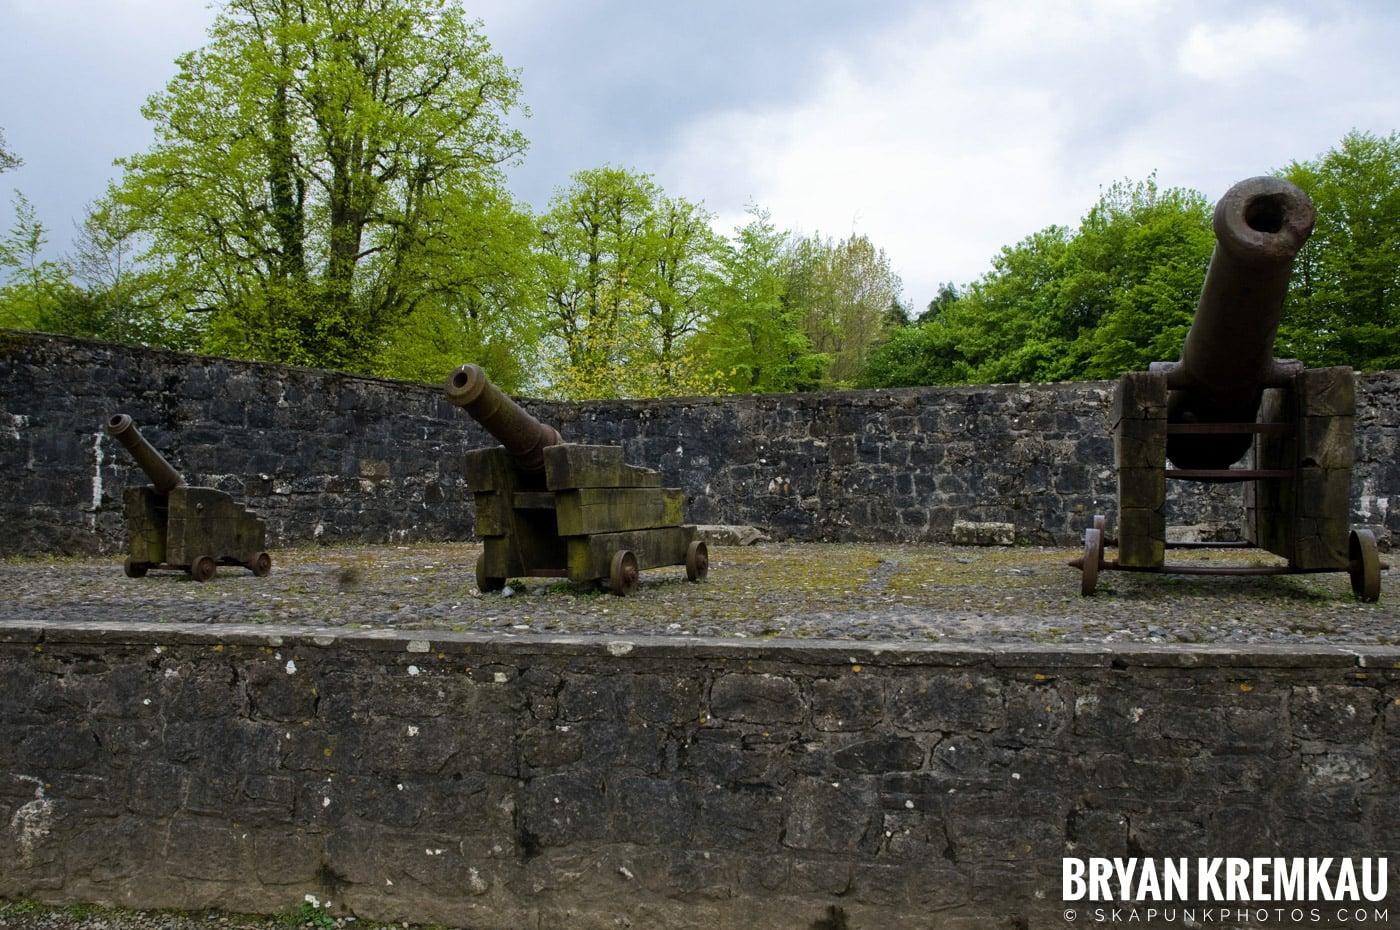 Dublin, Ireland Vacation - Day 3 (30)